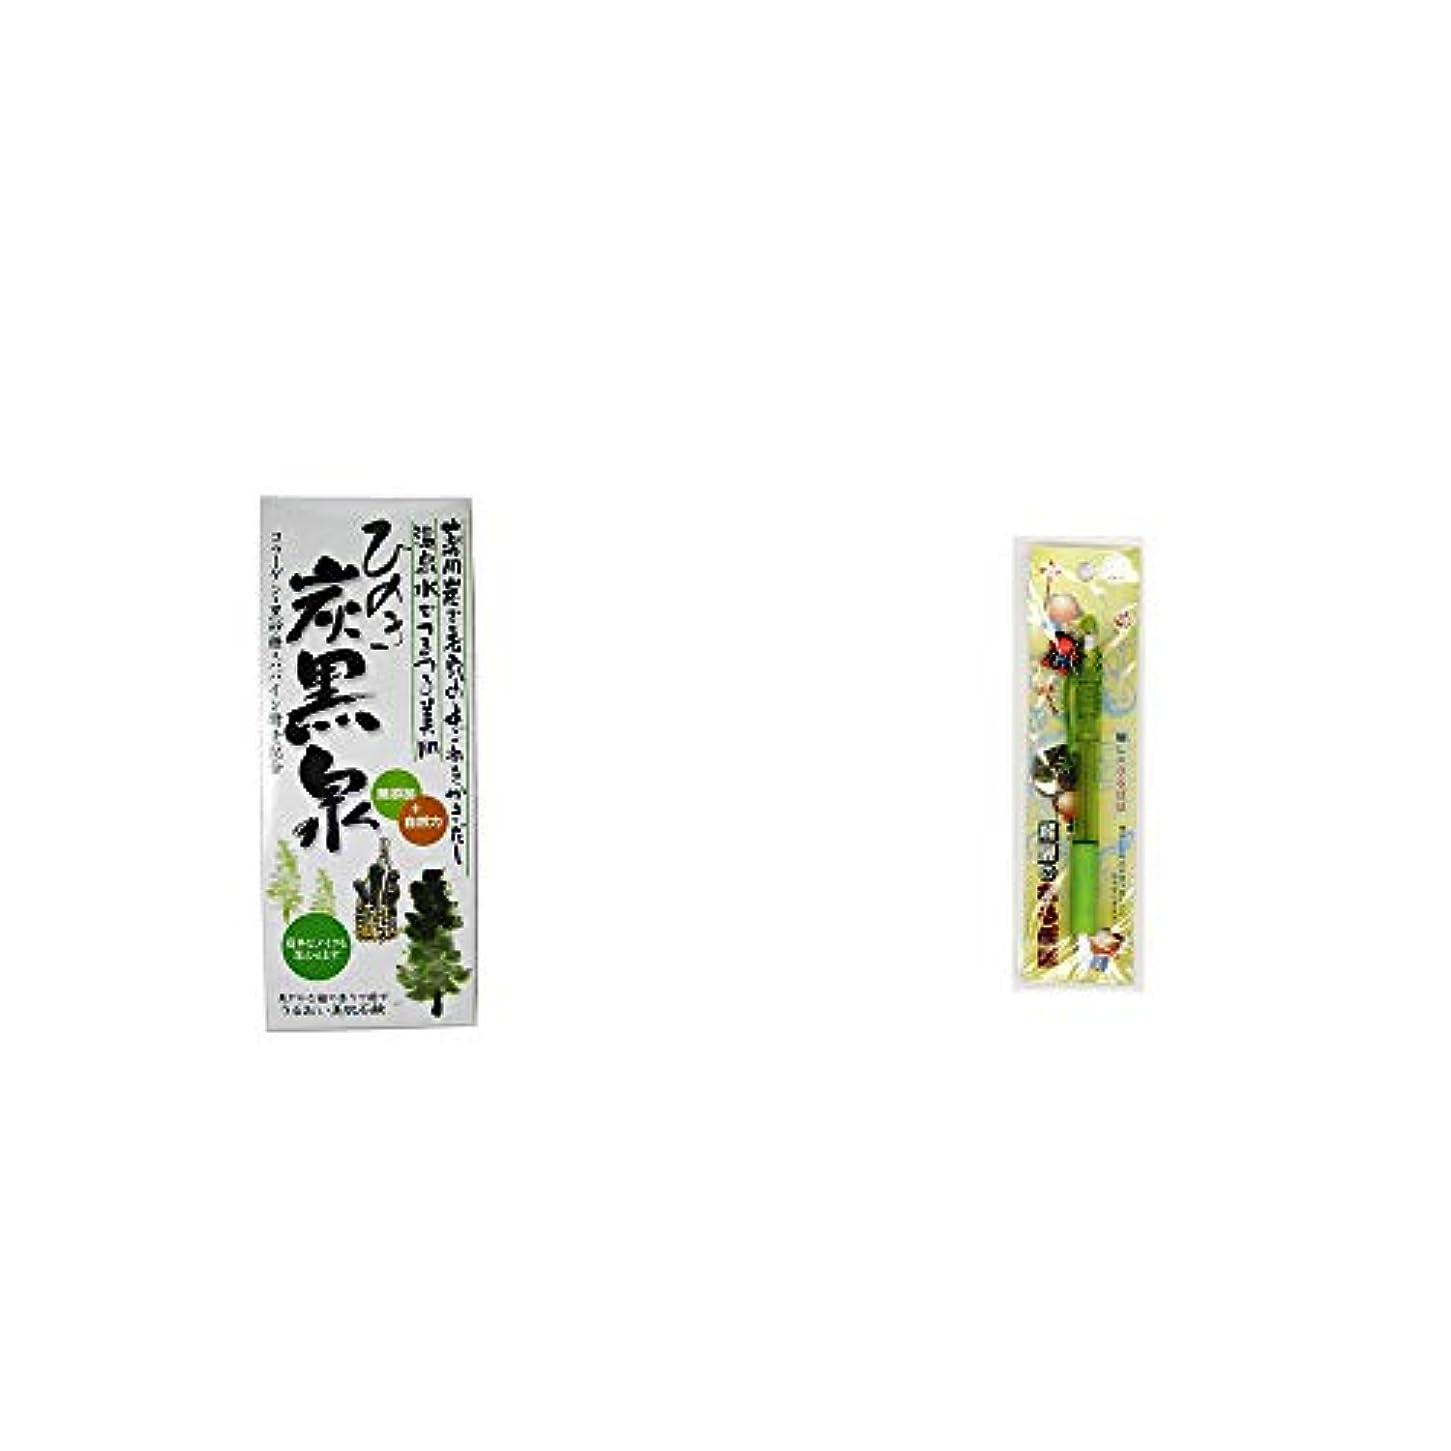 小麦プレビューアライメント[2点セット] ひのき炭黒泉 箱入り(75g×3)?さるぼぼ 癒しシャープペン 【グリーン】